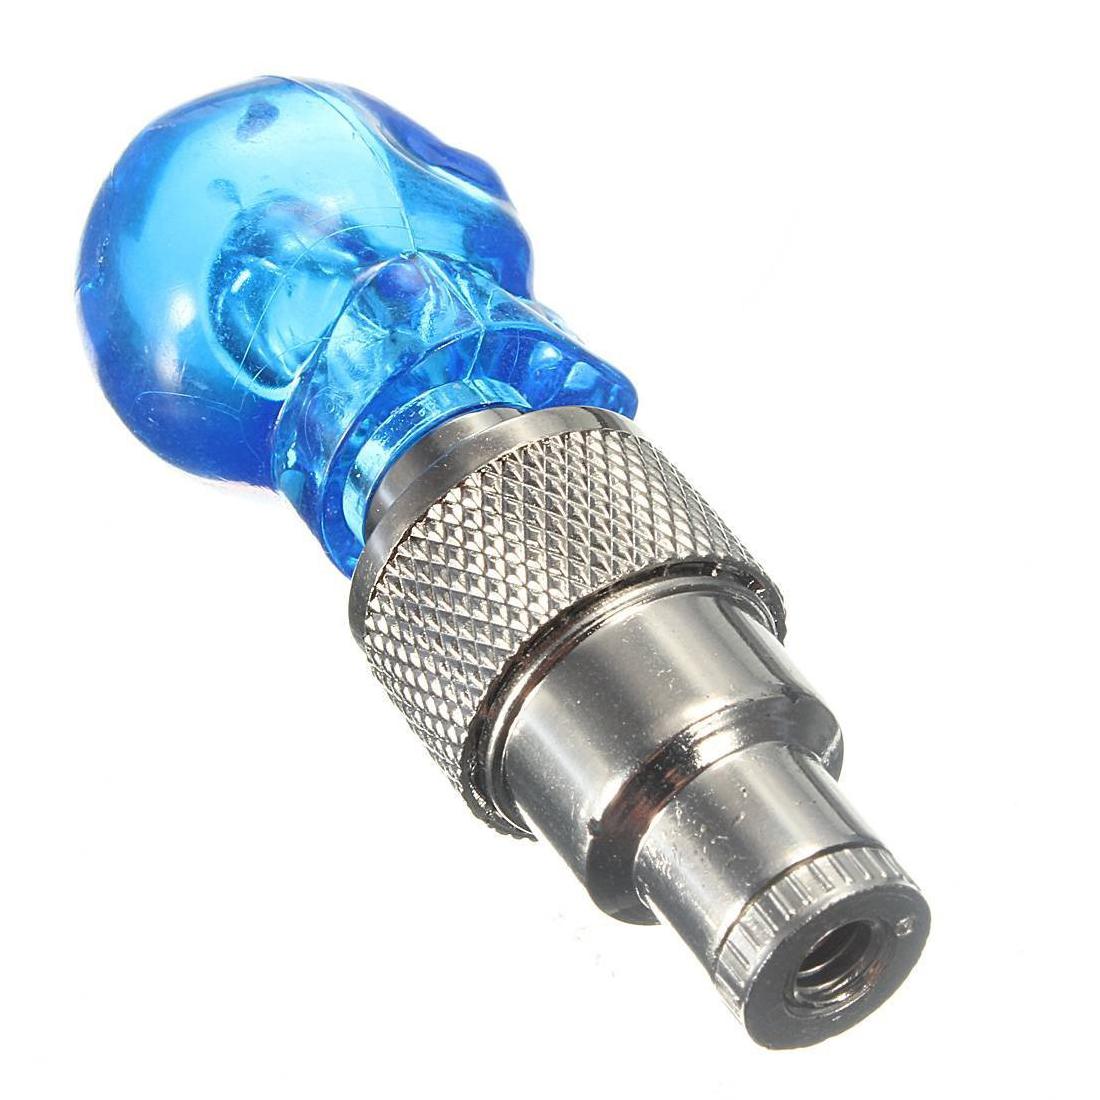 led licht ventilkappe speichenlicht fuer fahrrad auto bike felgen reifen blau et. Black Bedroom Furniture Sets. Home Design Ideas